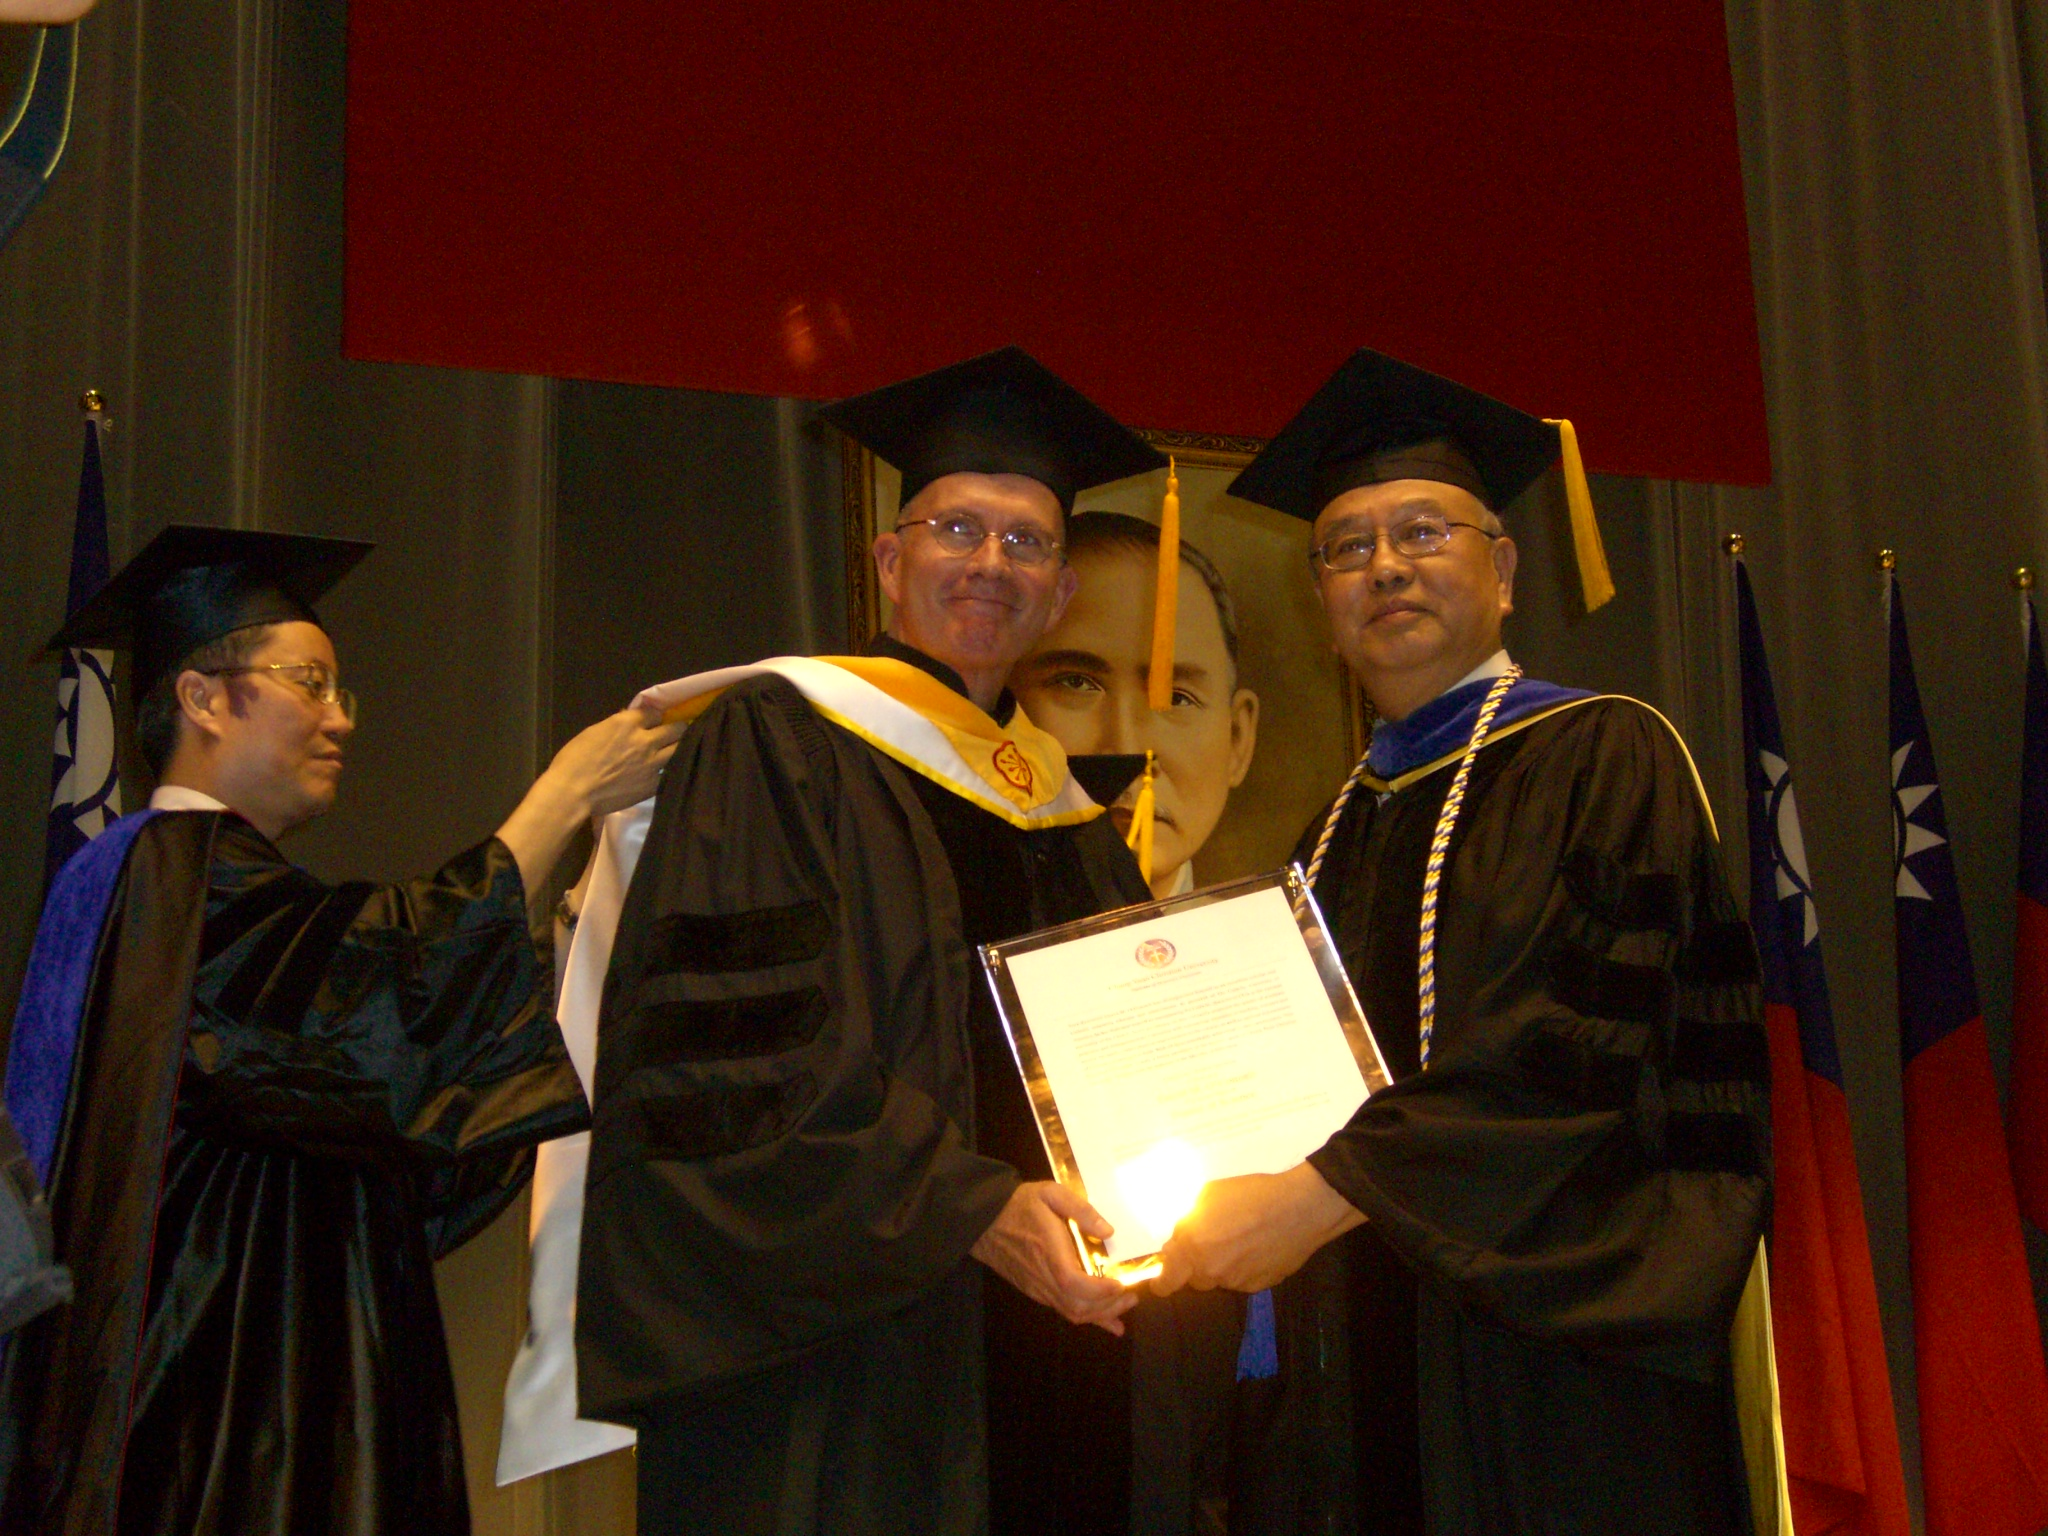 中原大學第51屆畢業典禮 頒贈歐卡諾神父名譽博士學位